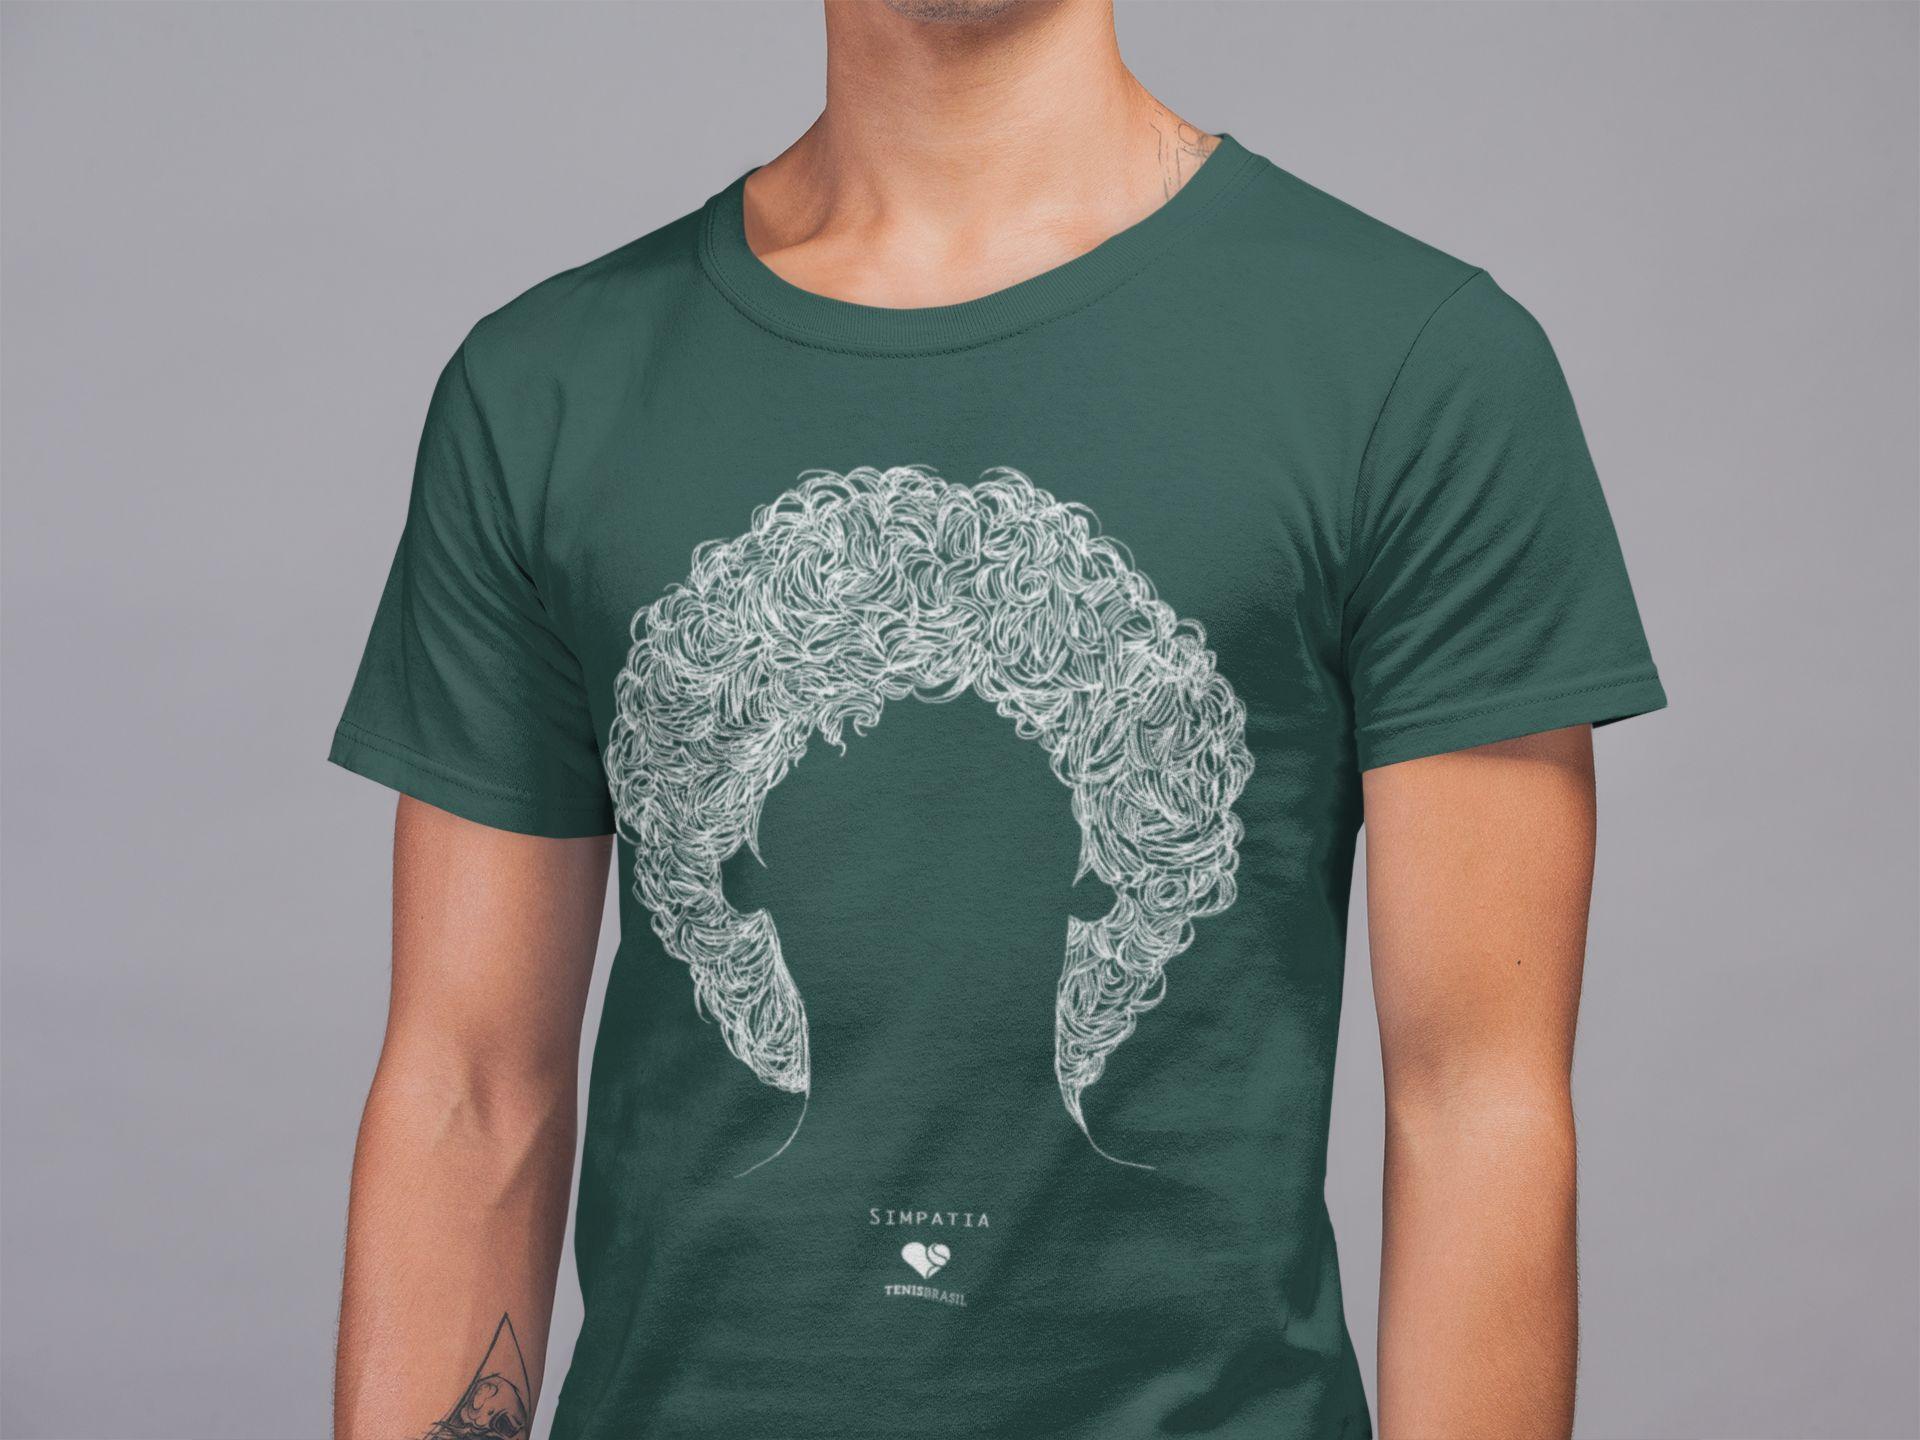 Camiseta SIMPATIA >> Coleção 2019 >> MASCULINA